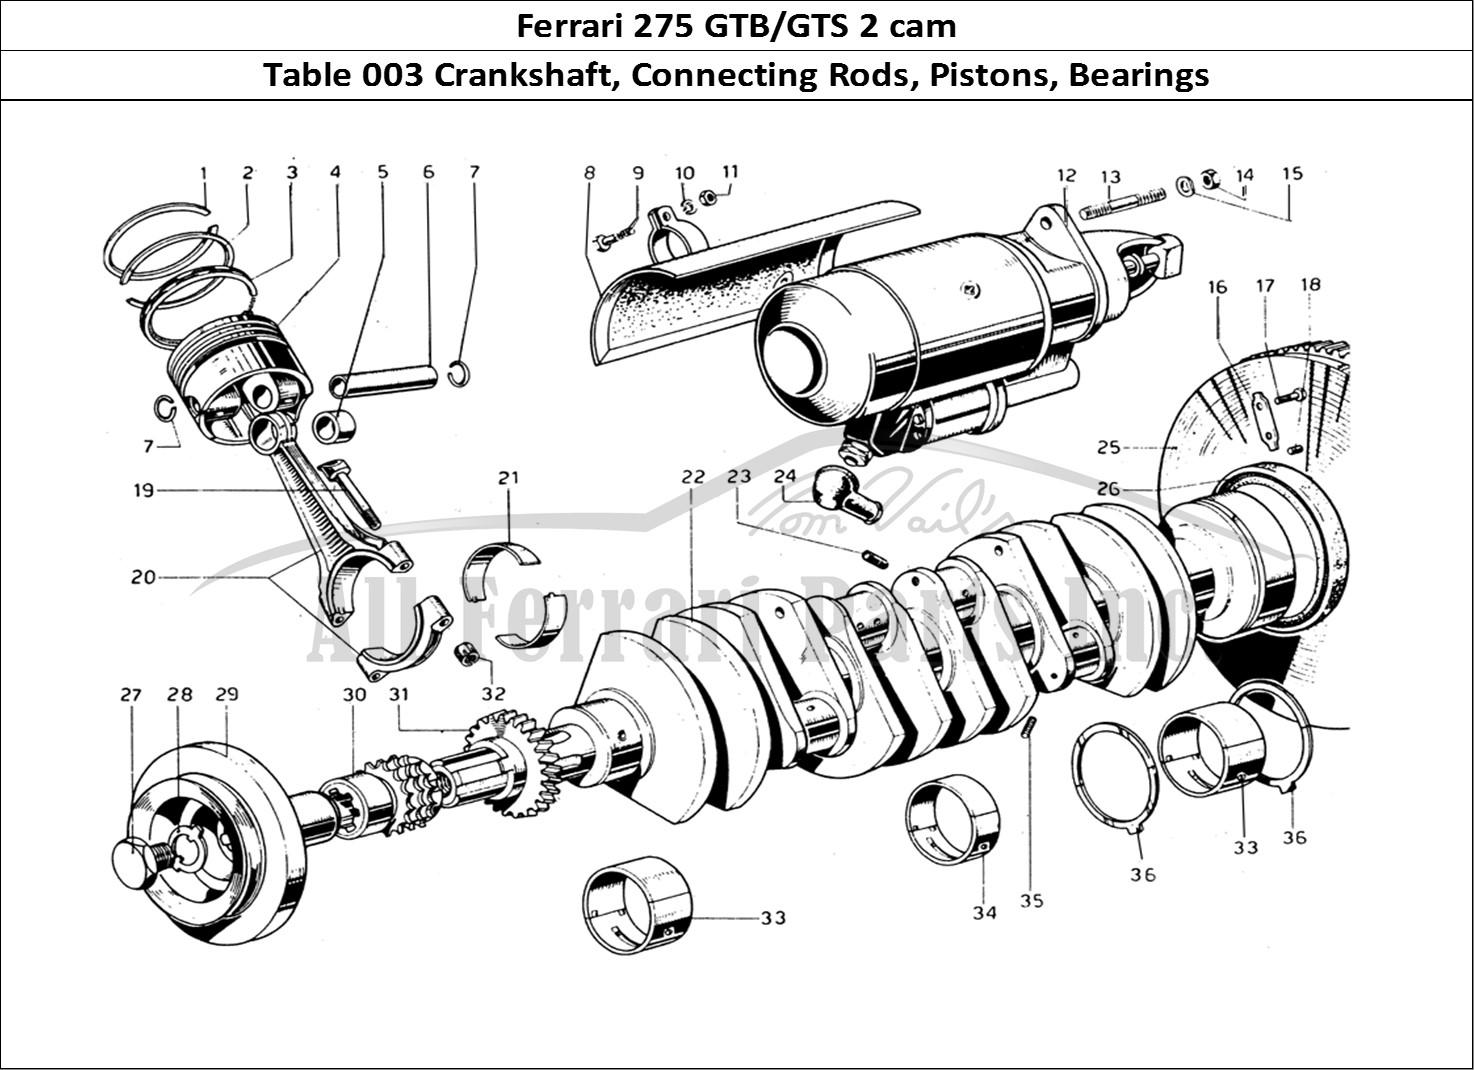 Buy Original Ferrari 275 Gtb Gts 2 Cam 003 Crankshaft